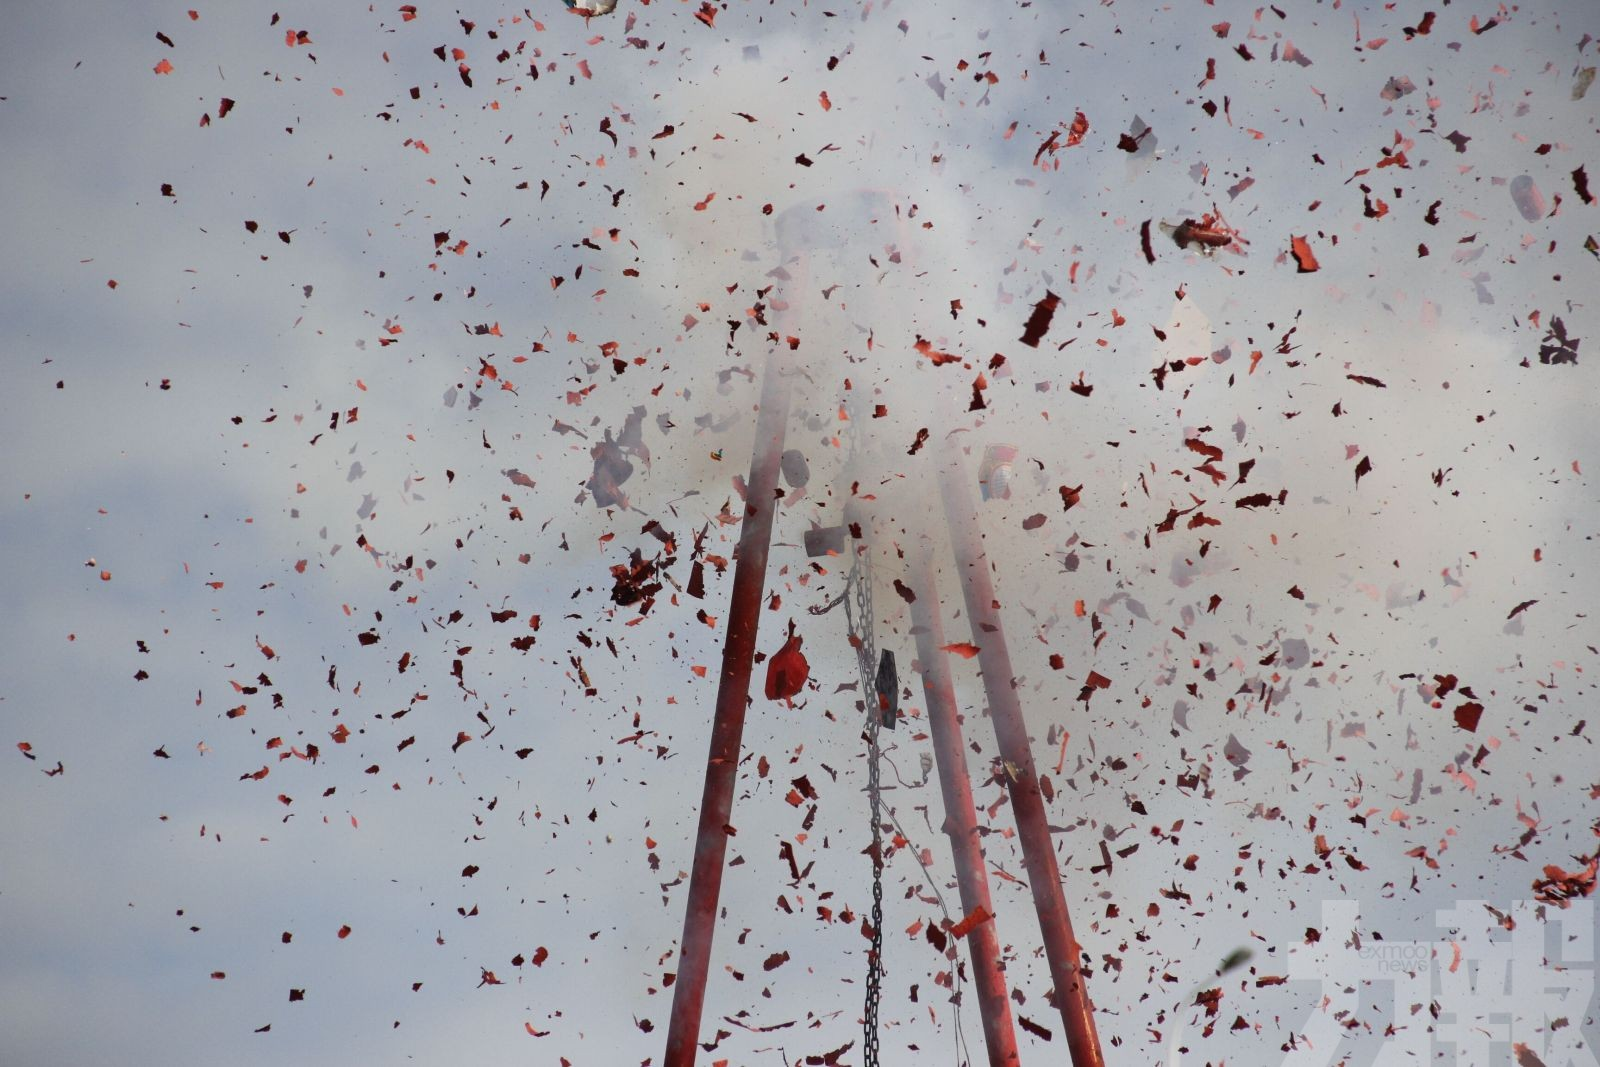 剩餘爆竹煙花及火箭今明兩天銷毀